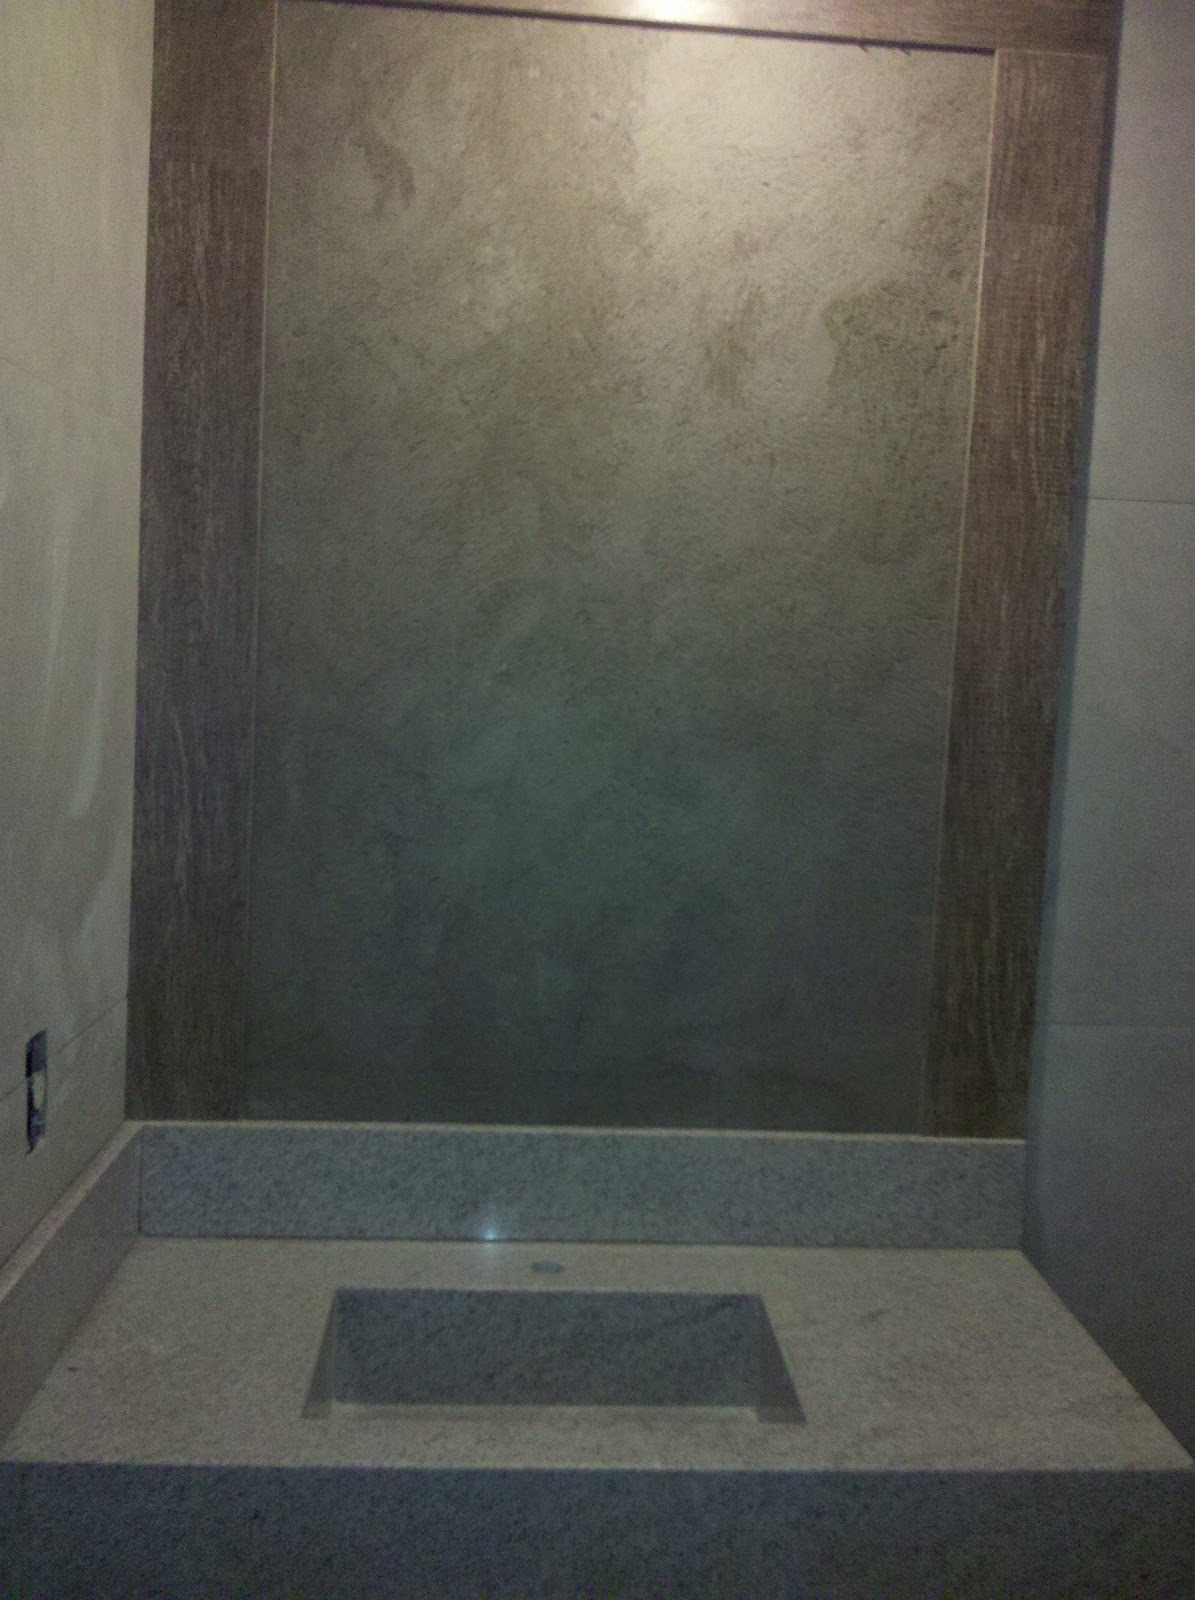 porcelanato imitando cimento queimado nas paredes e a mesma moldura de  #816F4A 1195 1600